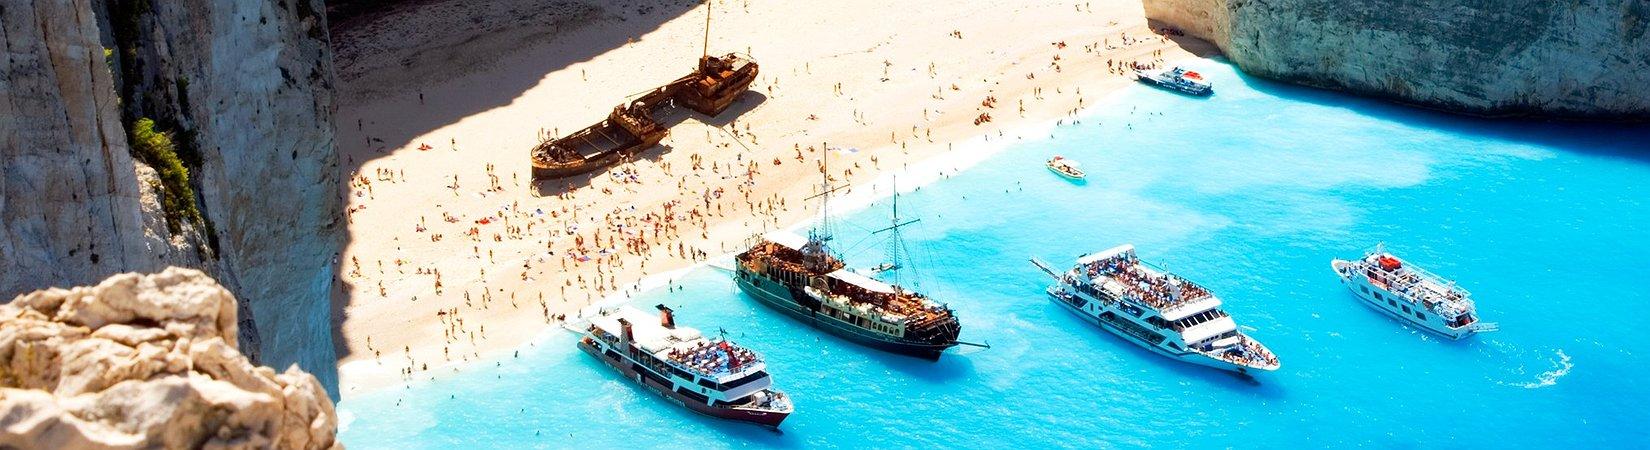 Las 12 mejores playas con poca gente del mundo